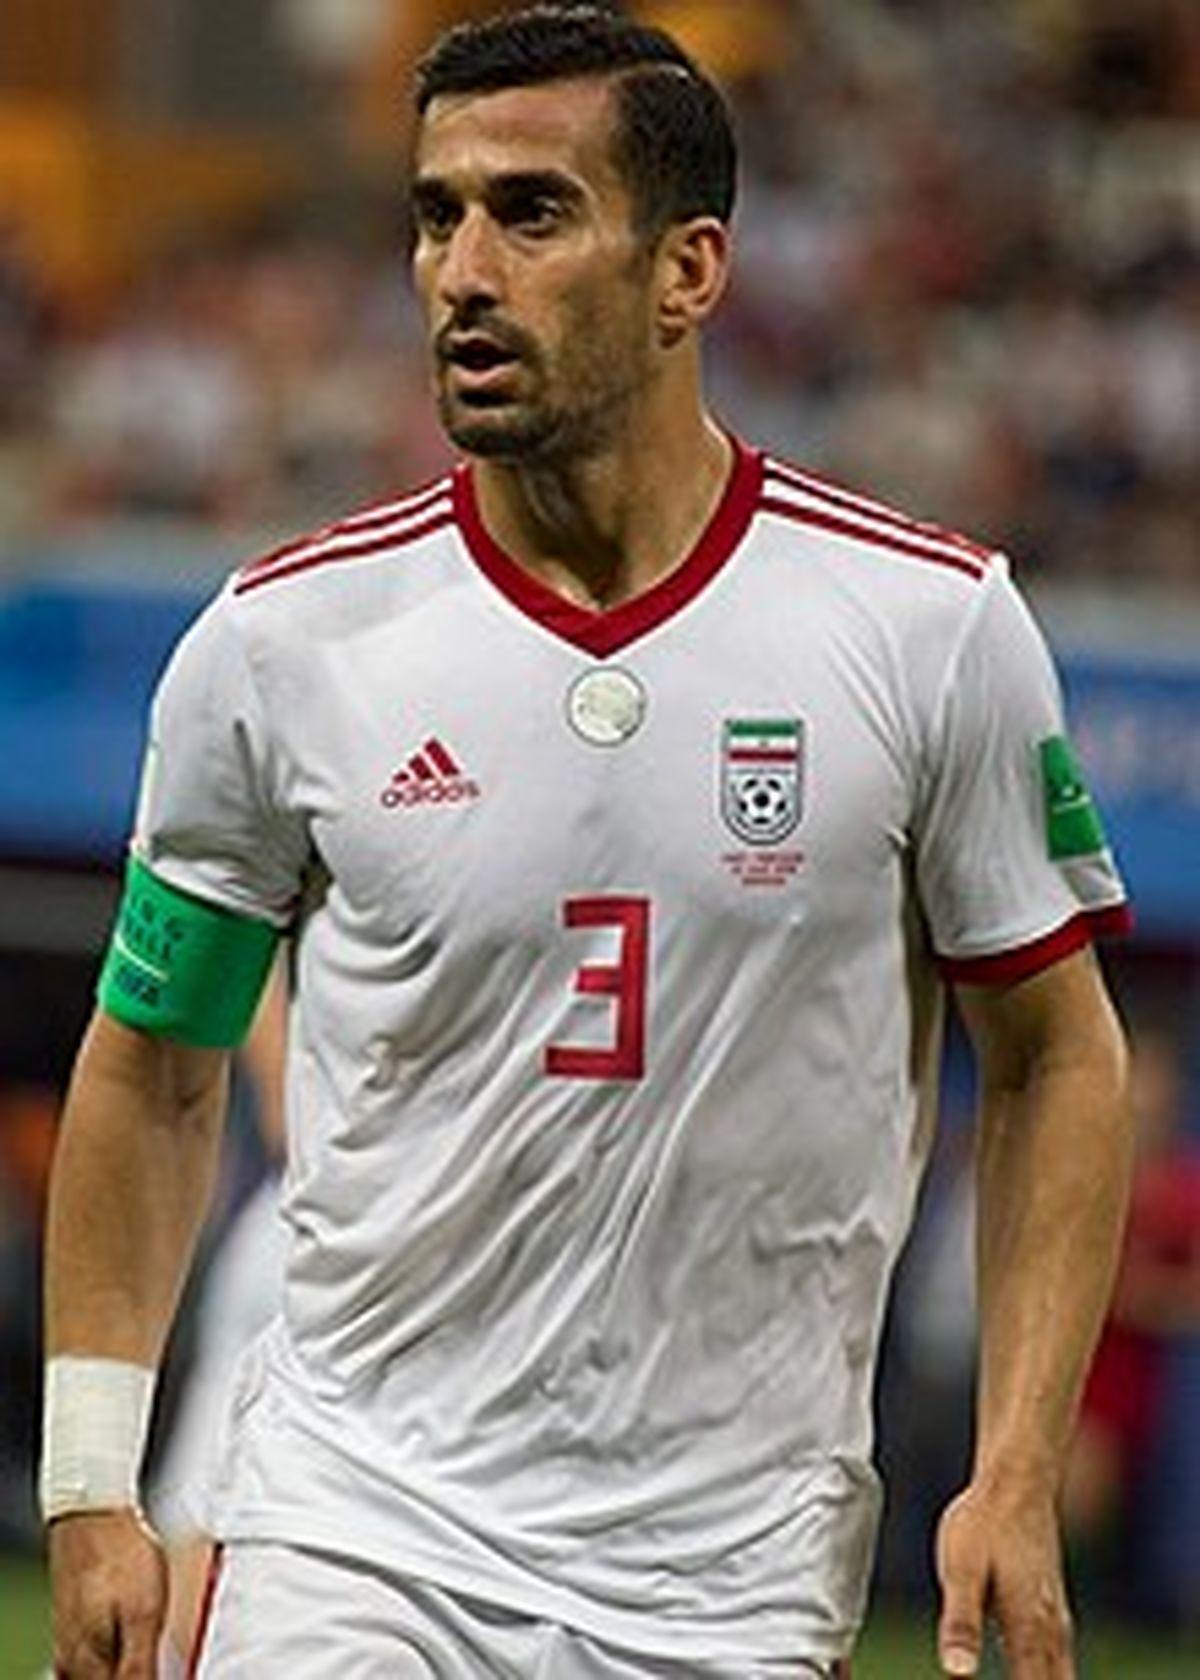 افشاگری جنجالی علیه احسان حاج صفی ؛ چرا کاپیتان تیم ملی آبی پوش نشد؟